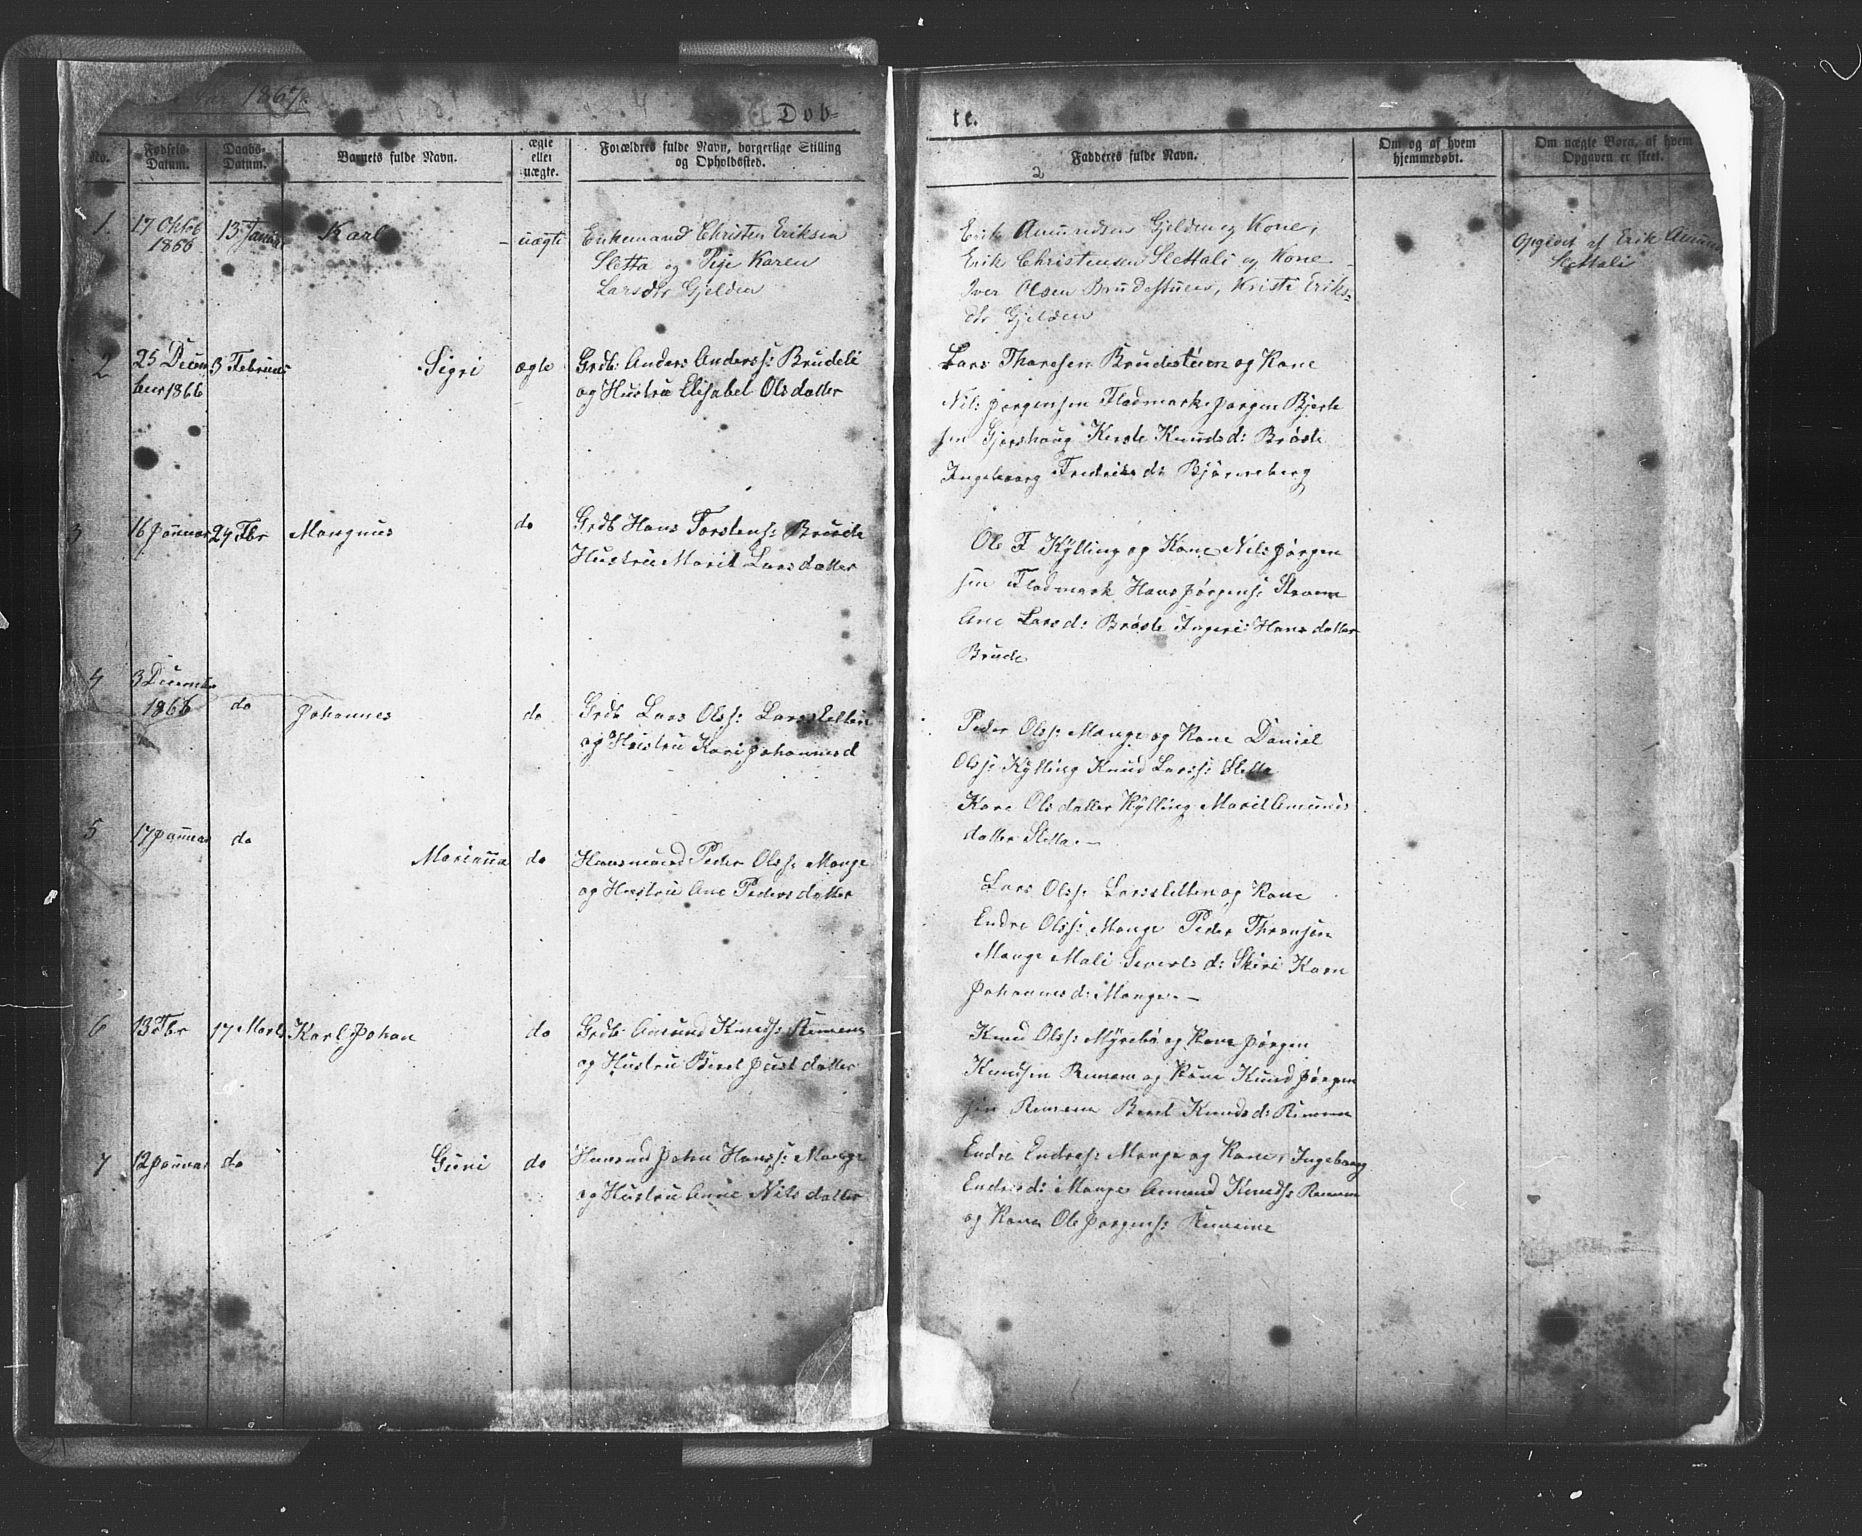 SAT, Ministerialprotokoller, klokkerbøker og fødselsregistre - Møre og Romsdal, 546/L0596: Klokkerbok nr. 546C02, 1867-1921, s. 1